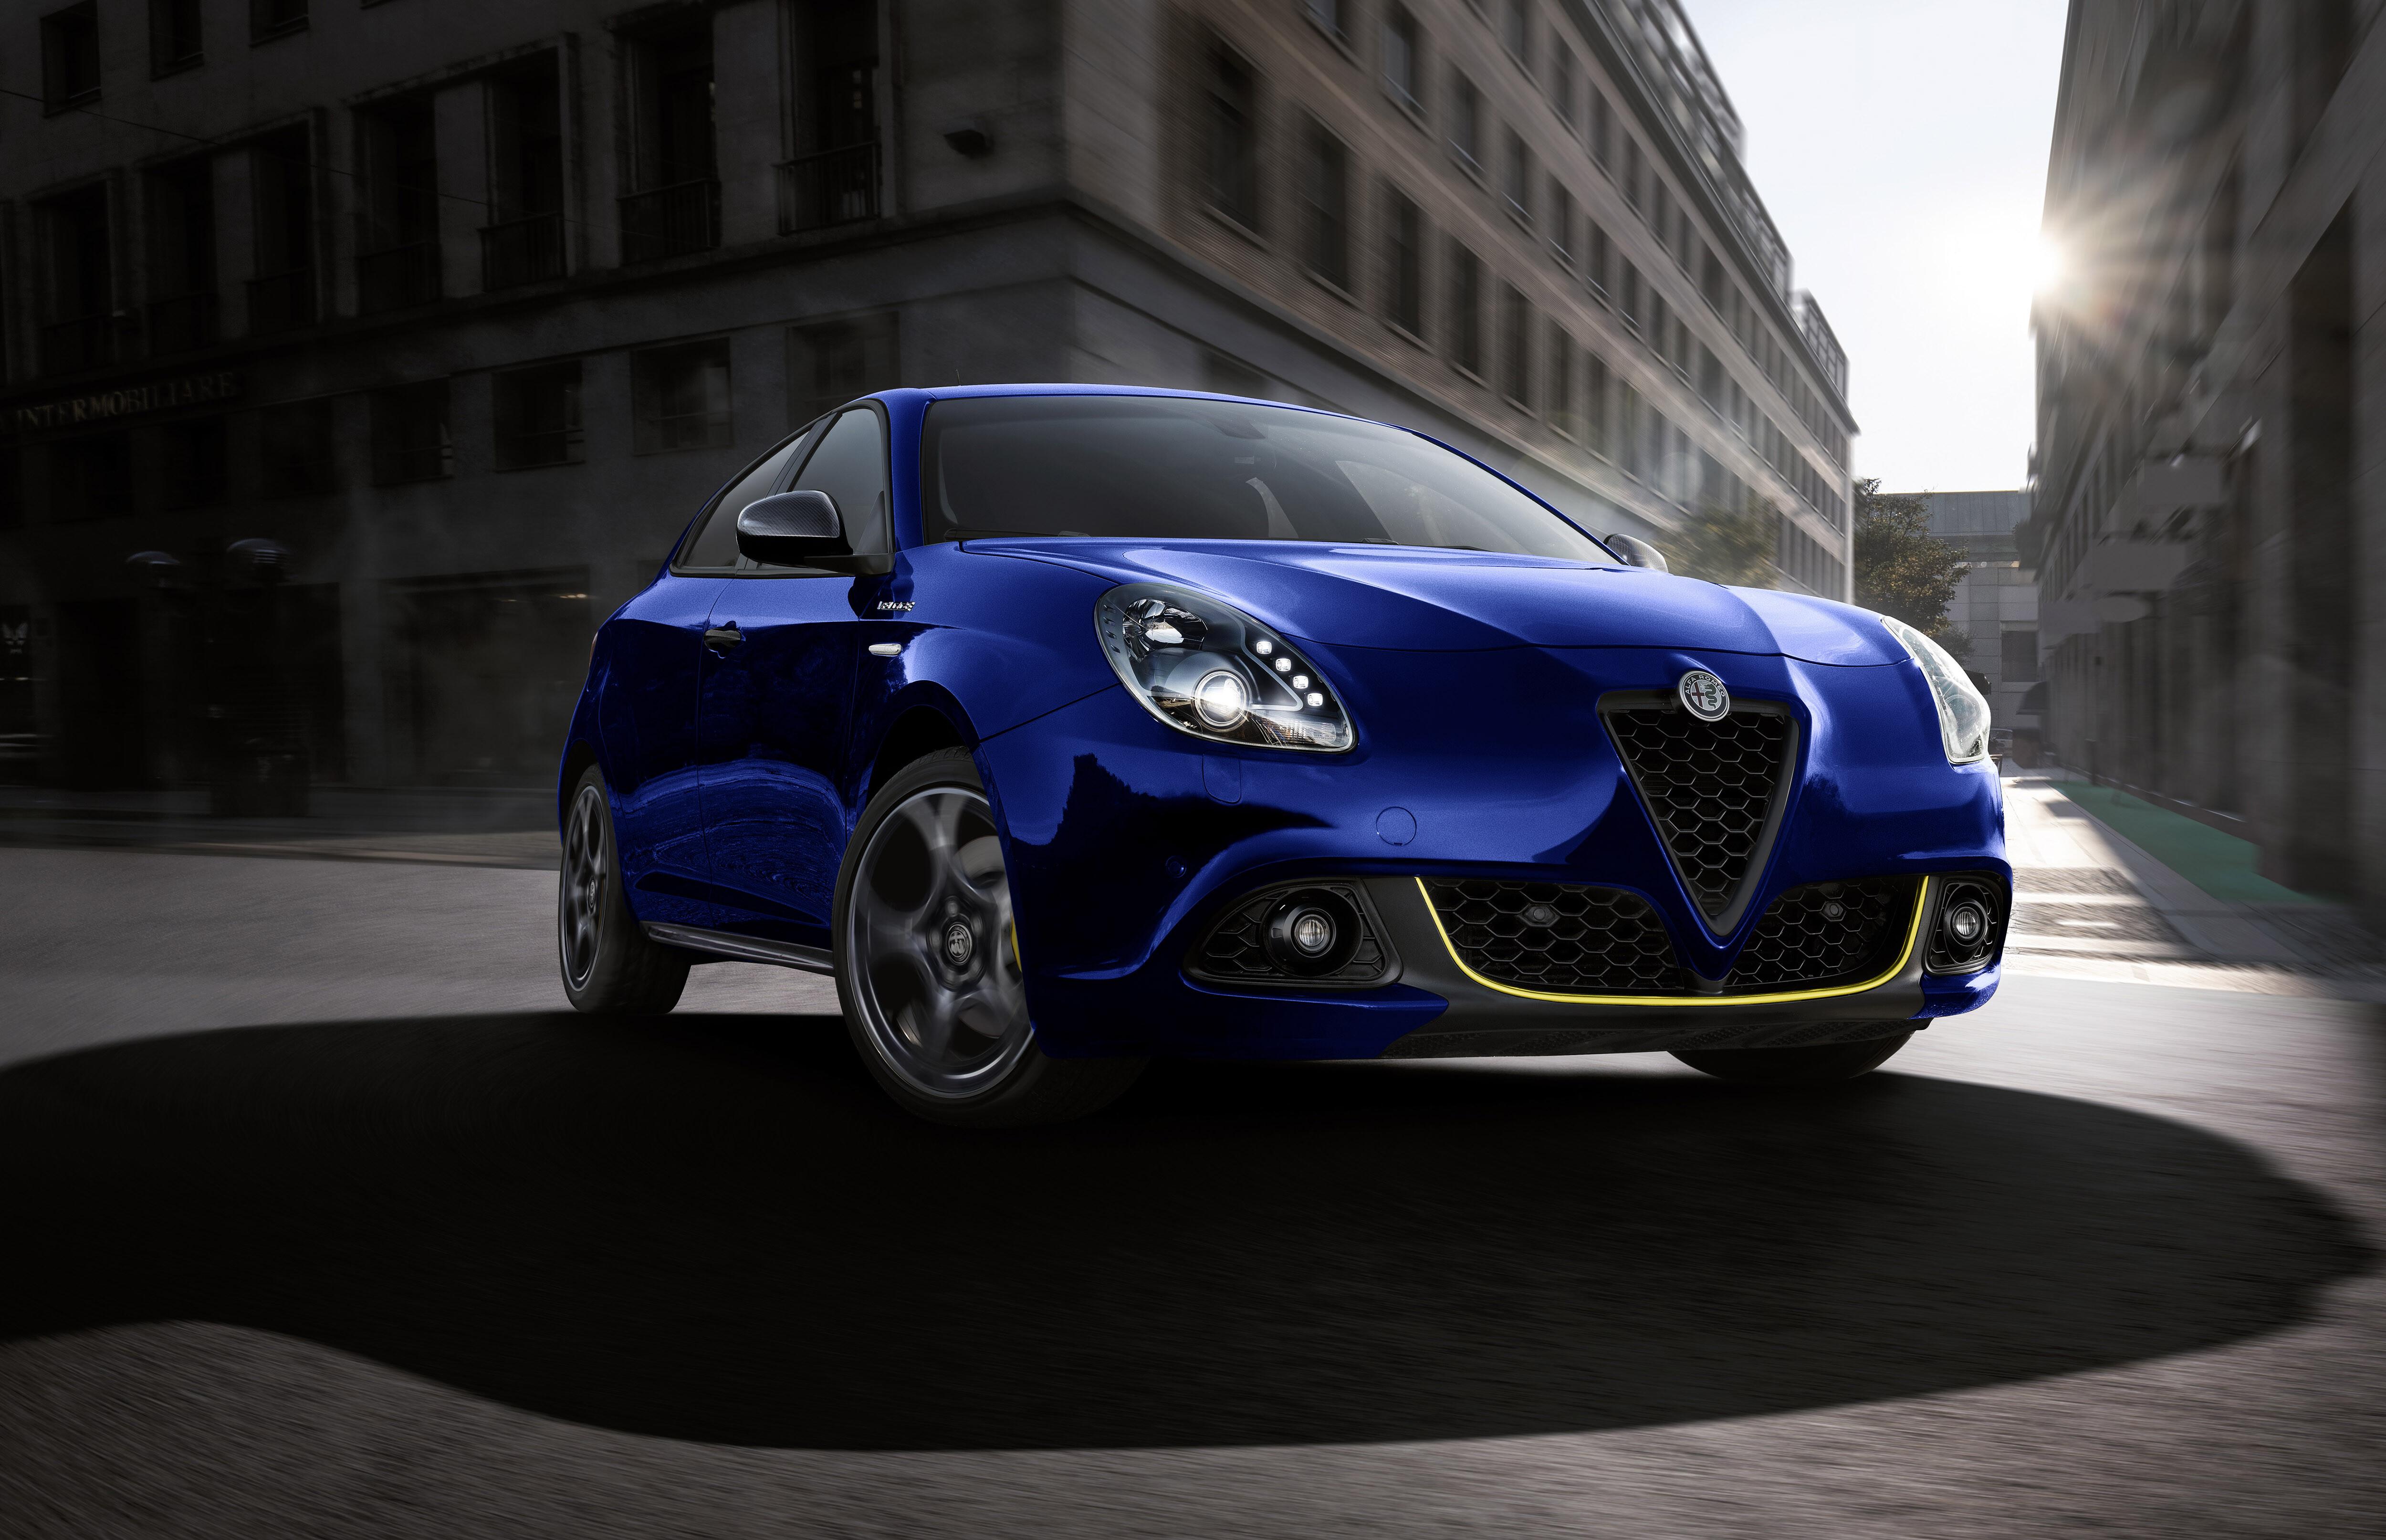 2021 Alfa Romeo Giulietta Edizione Finale